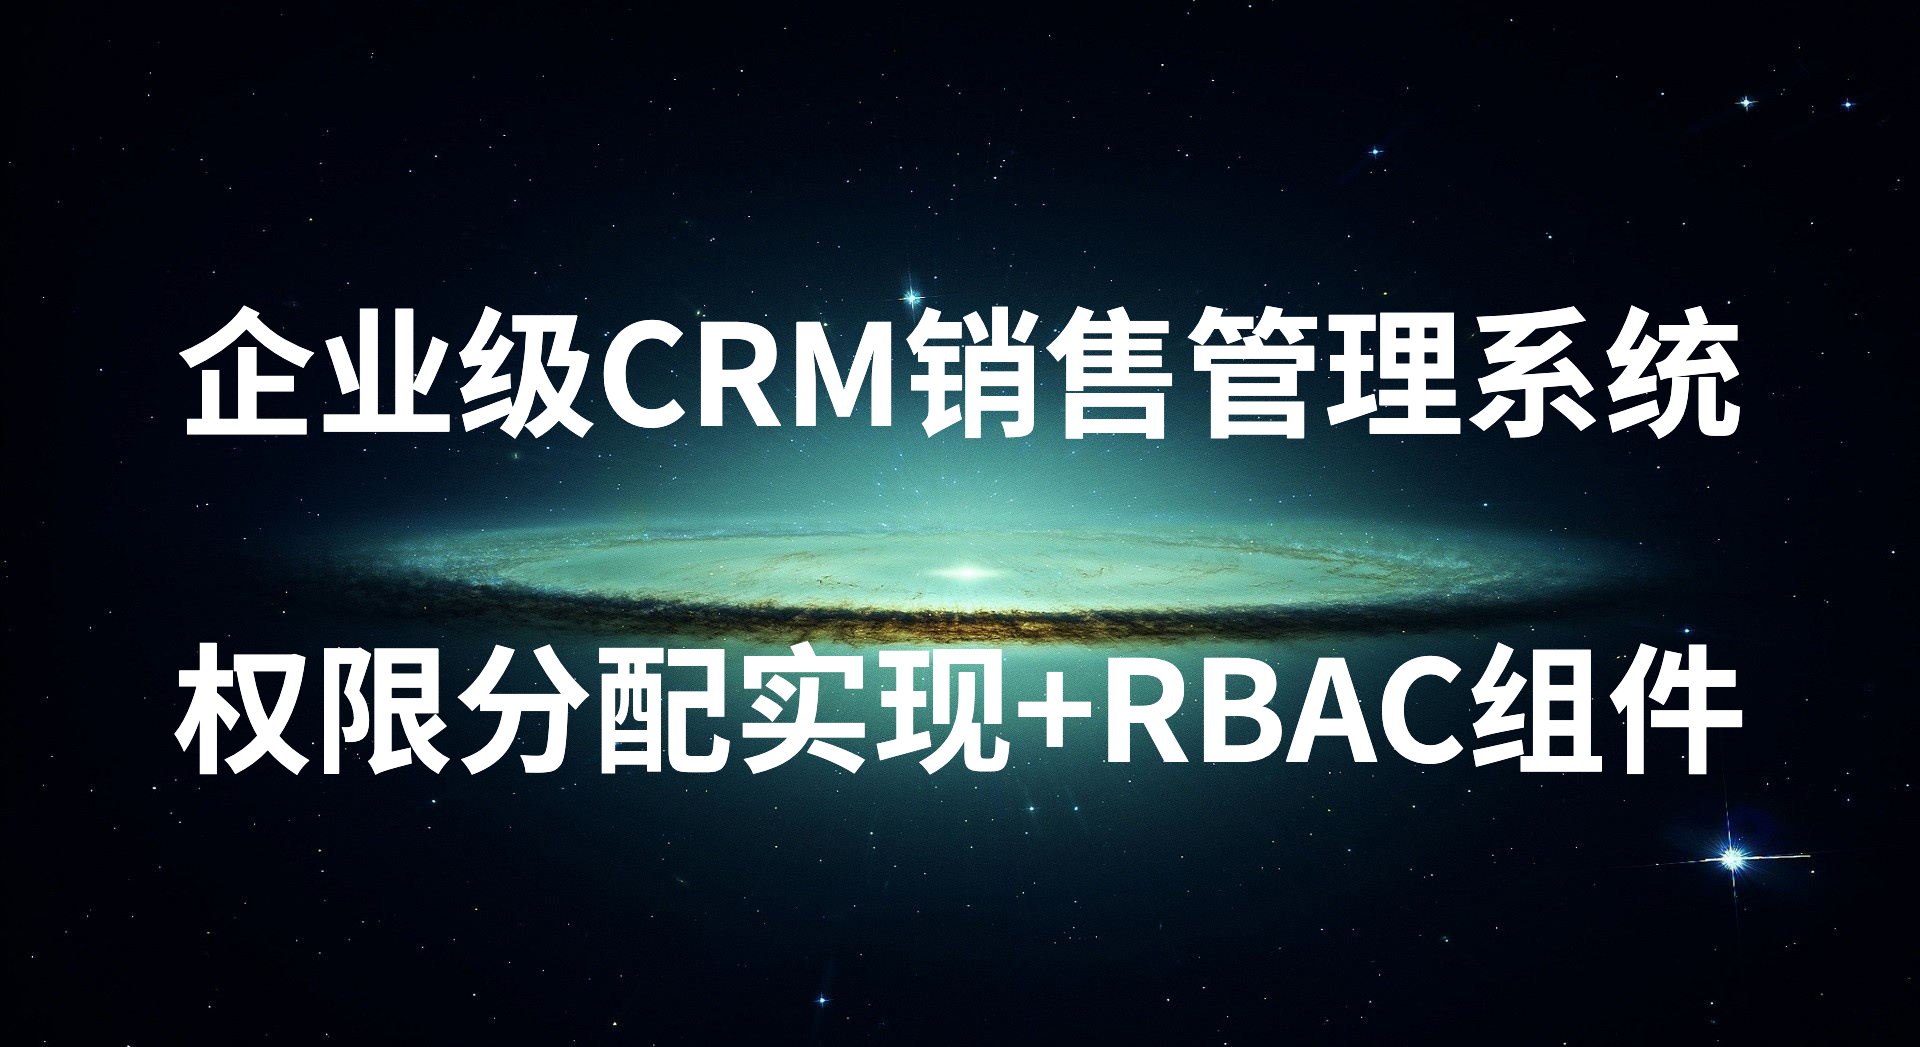 企业级CRM销售管理系统权限分配实现+RBAC组件详解